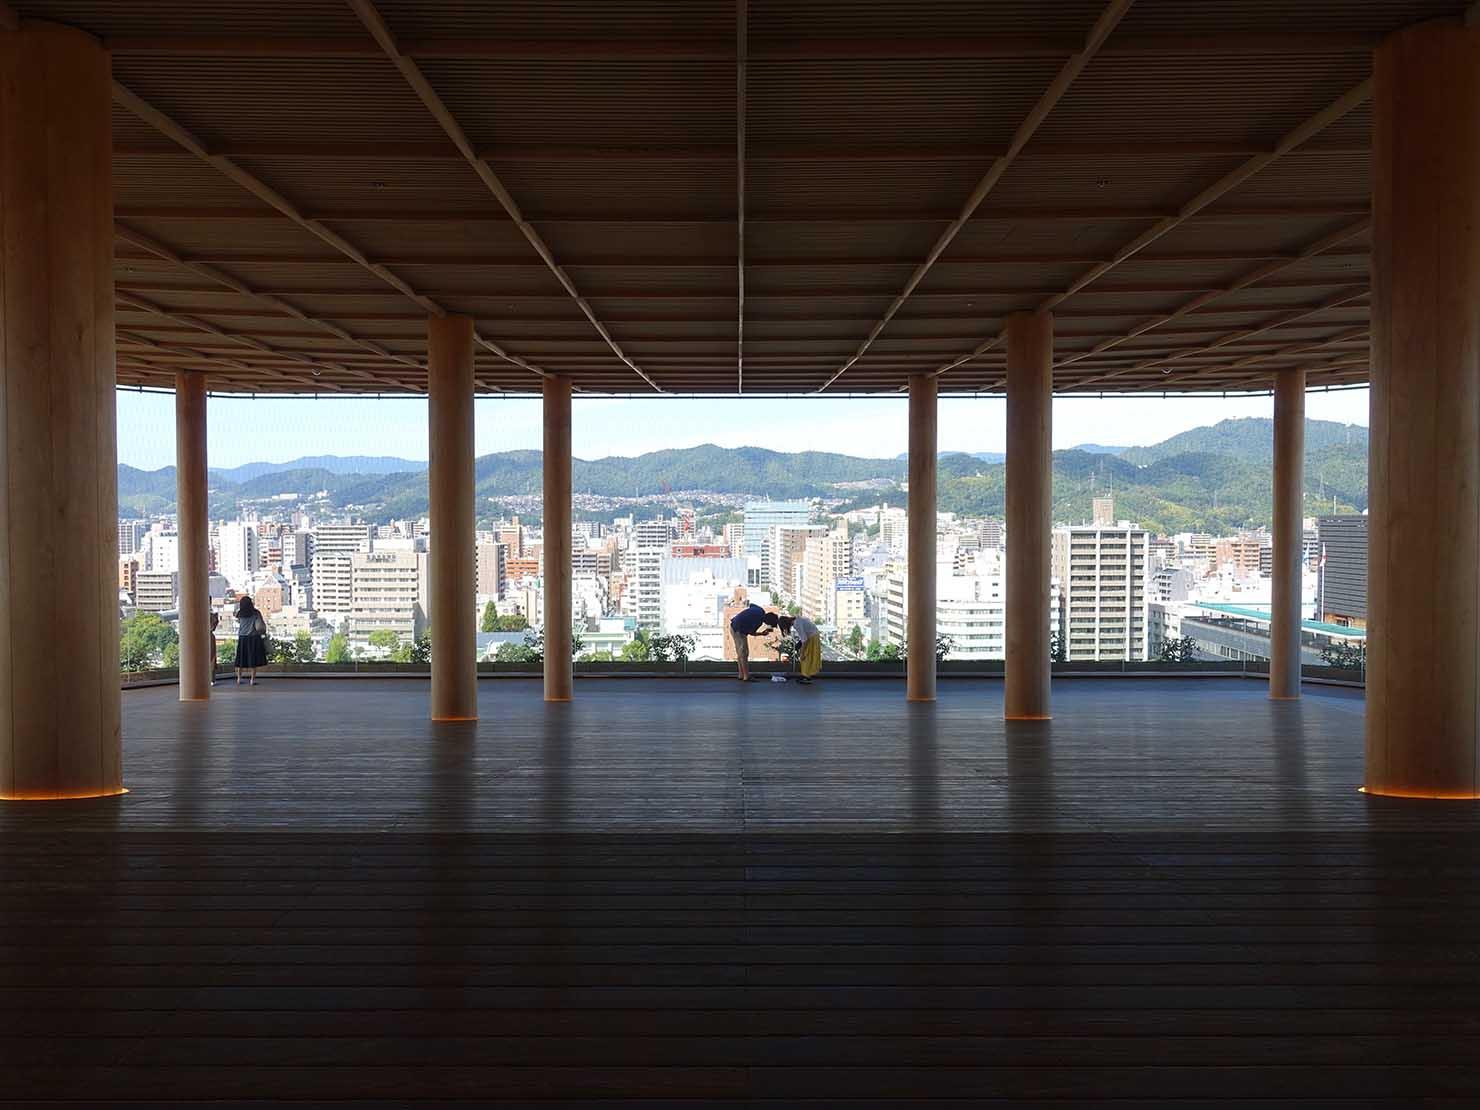 広島市内観光の見どころ「おりづるタワー」の展望台・ひろしまの丘